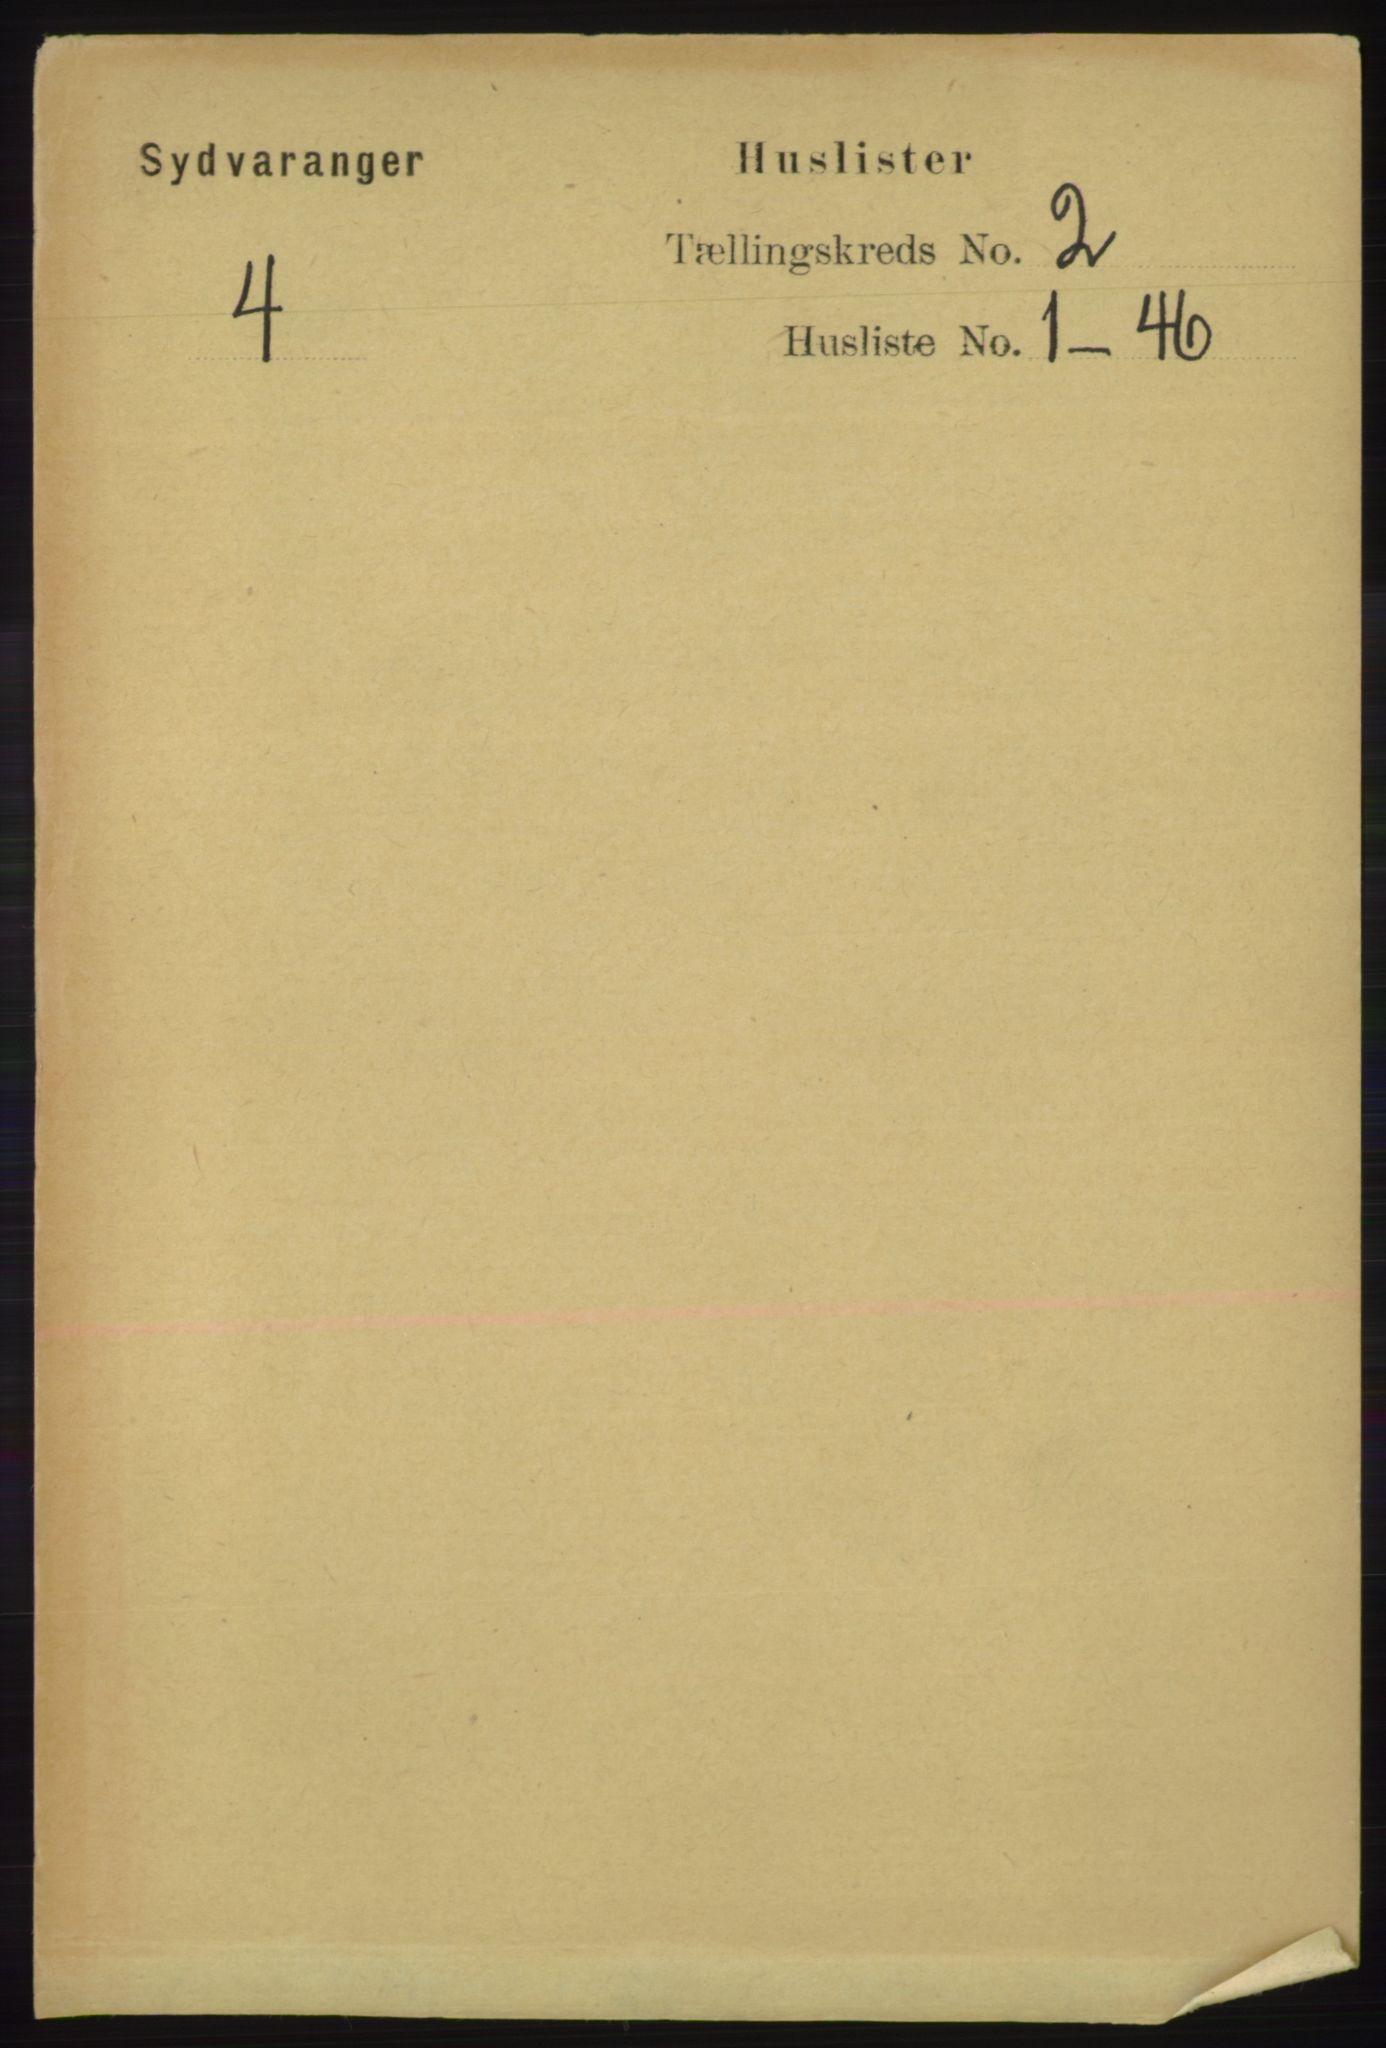 RA, Folketelling 1891 for 2030 Sør-Varanger herred, 1891, s. 353